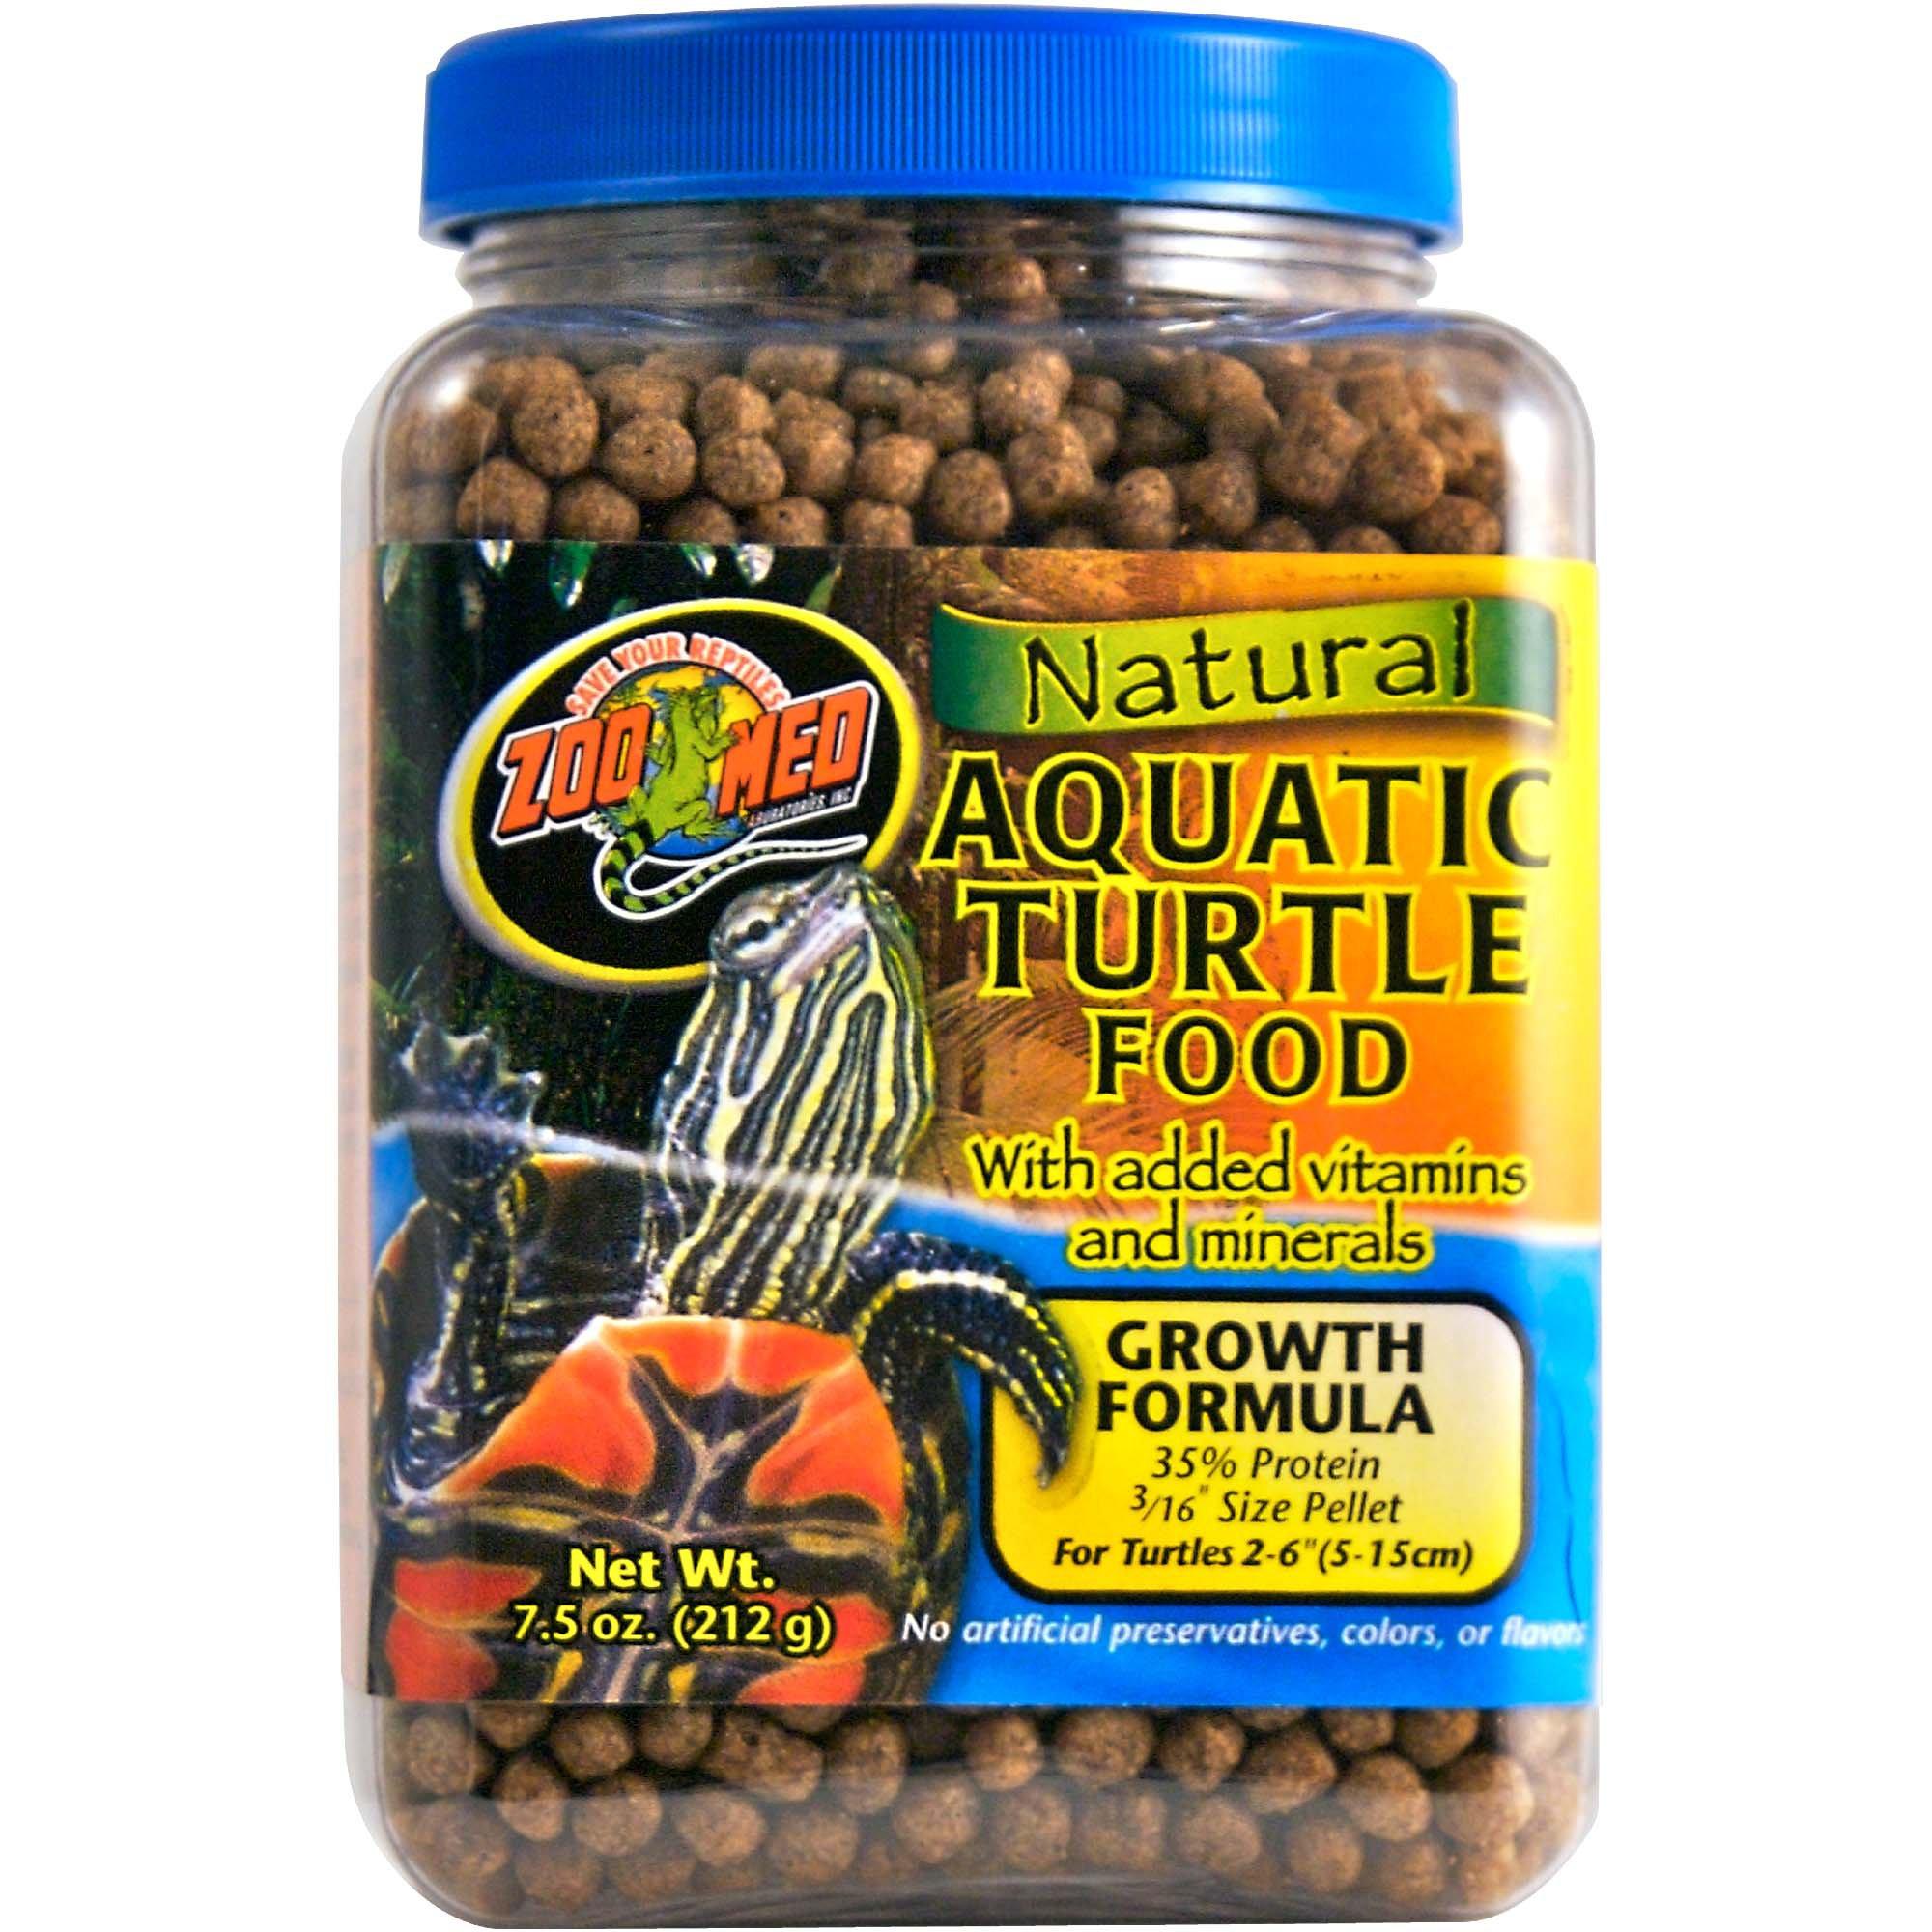 Zoo Med Aquatic Turtle Food Growth Formula